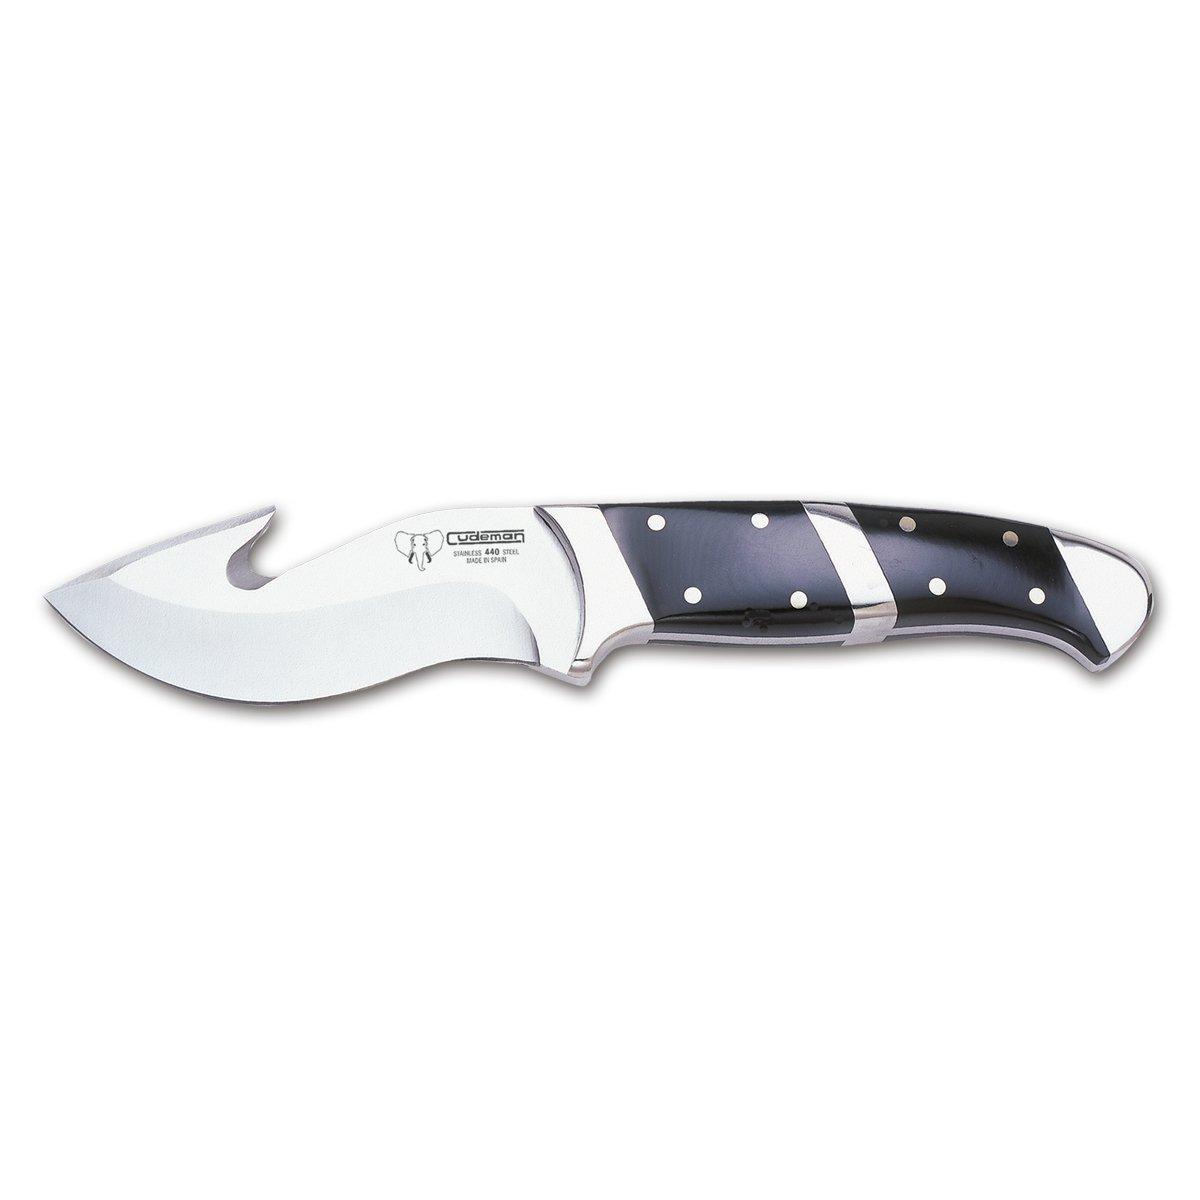 Cudeman Cuchillo desollador 234-N con Mango de Phenolkraf ...